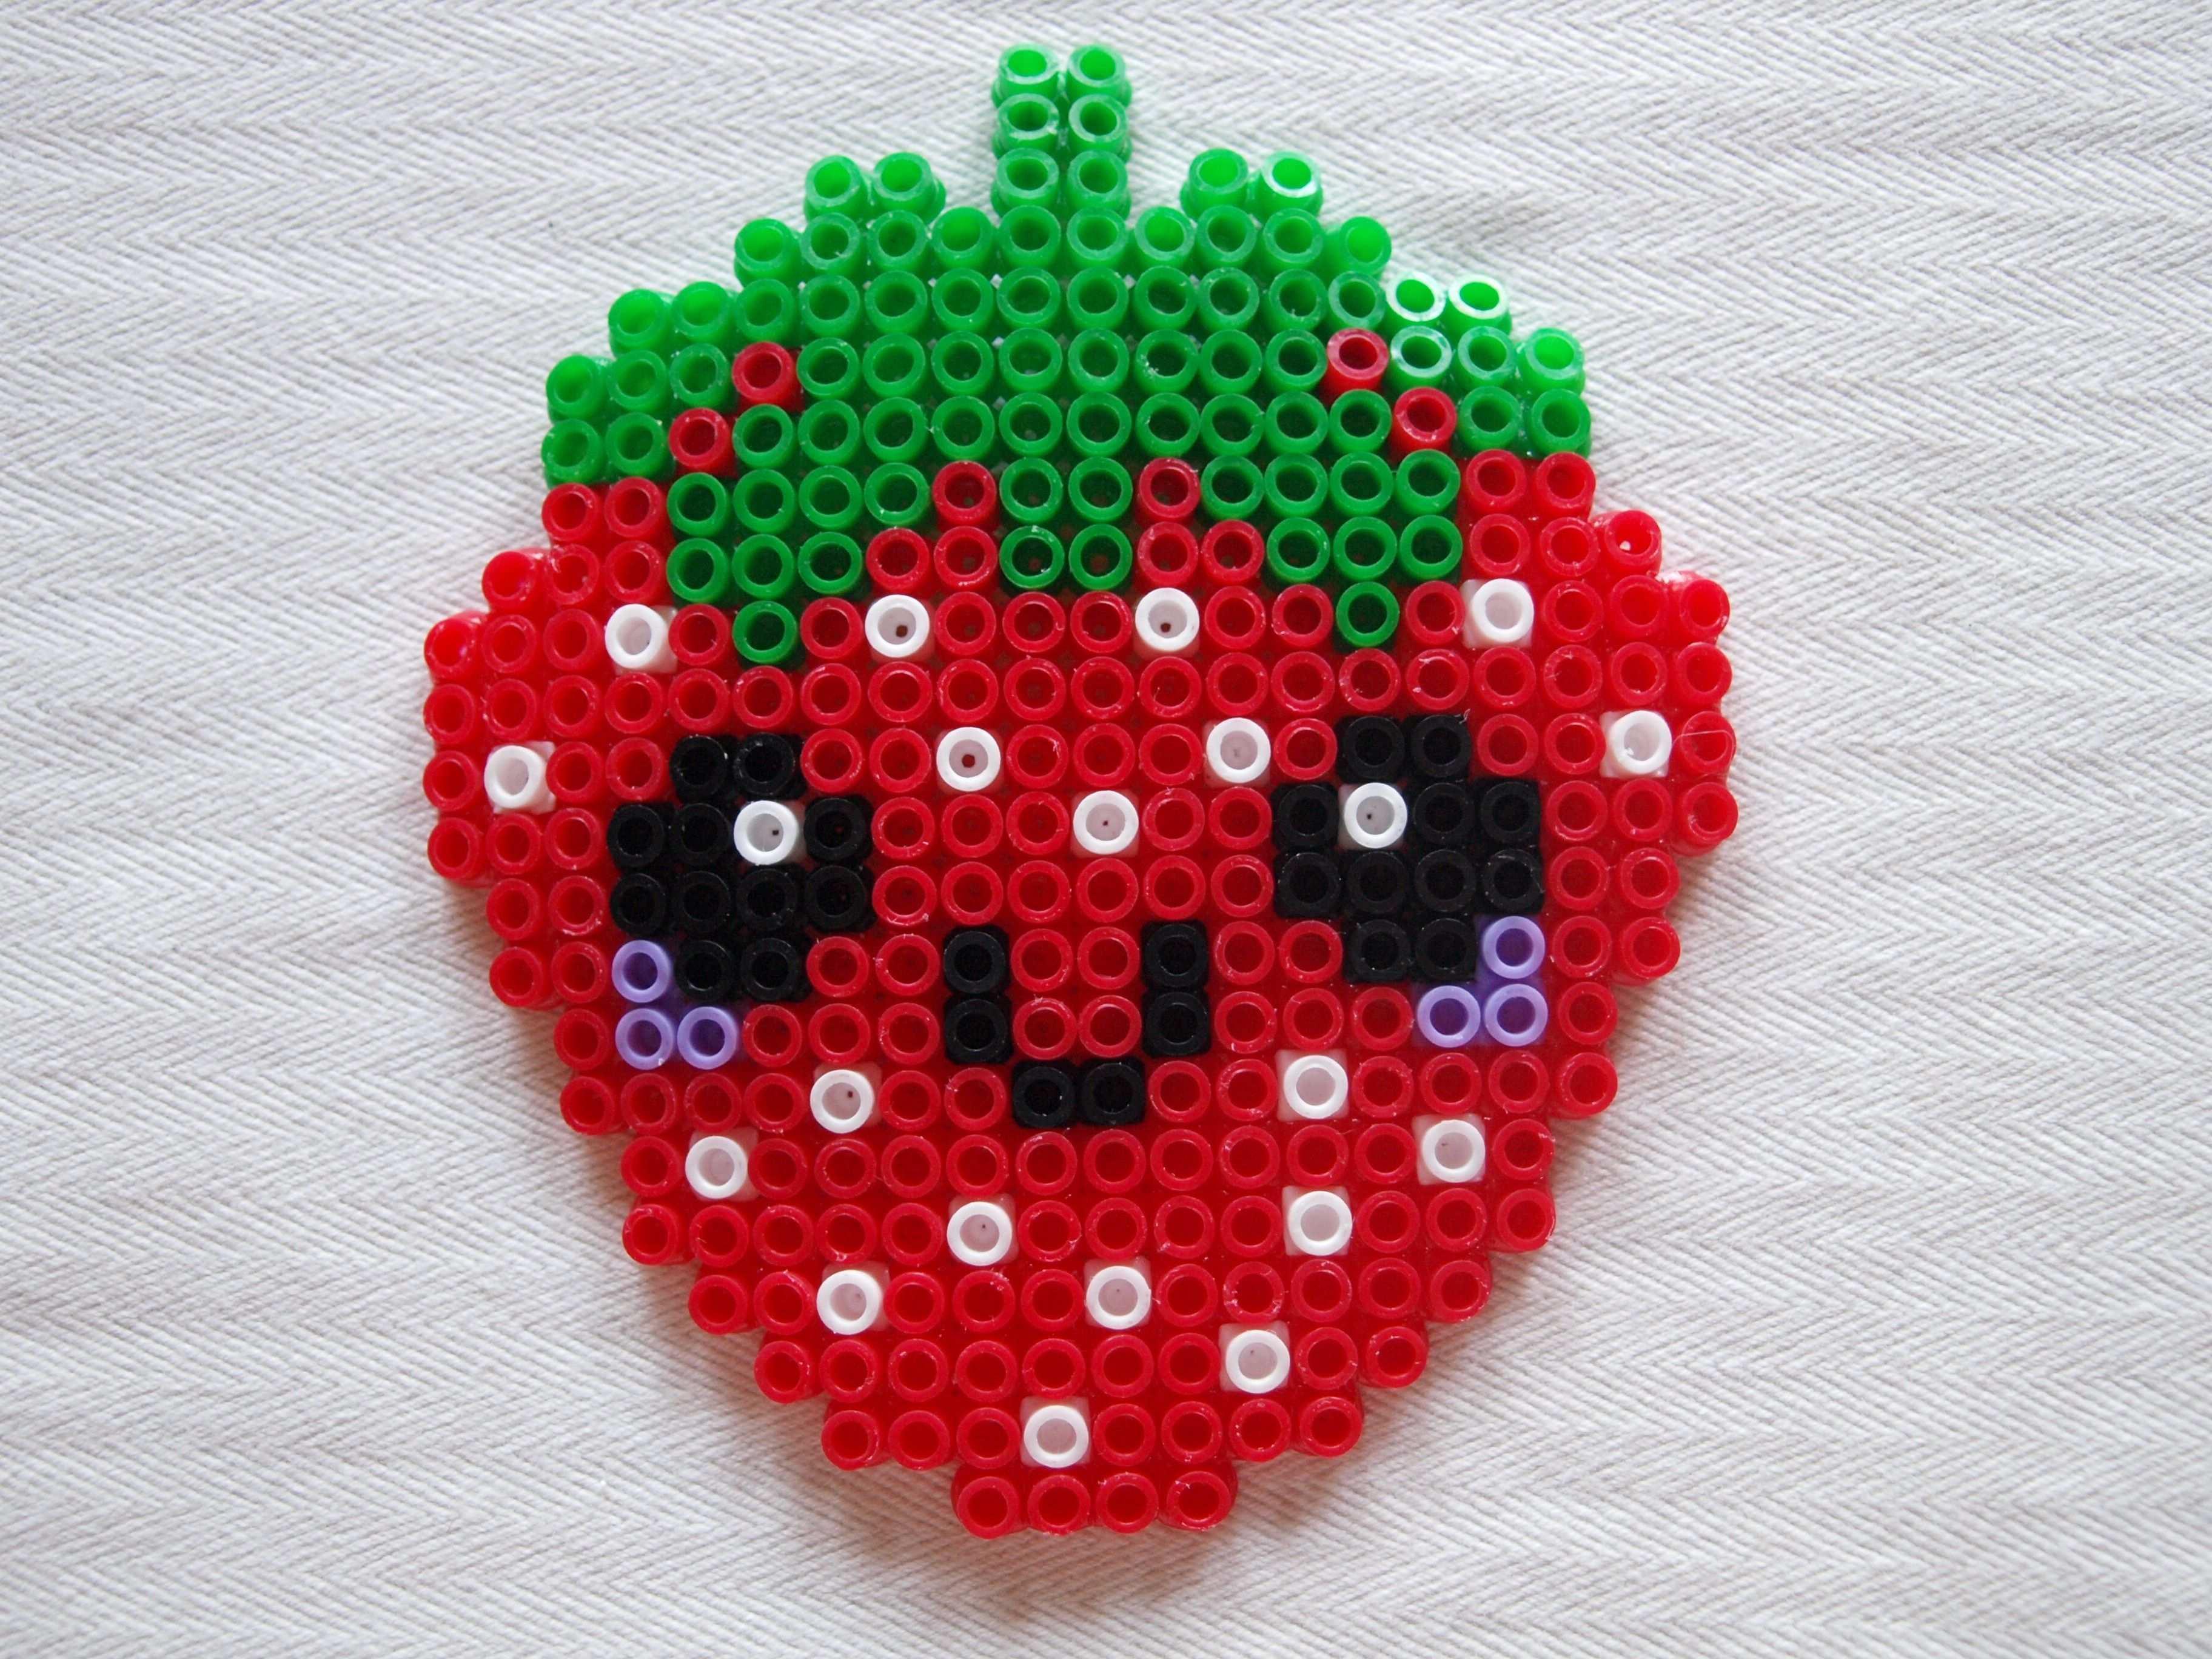 Bugelperlen Vorlage Erdbeere Basteln Bugelperlen Bugelperlen Bugelperlen Vorlagen